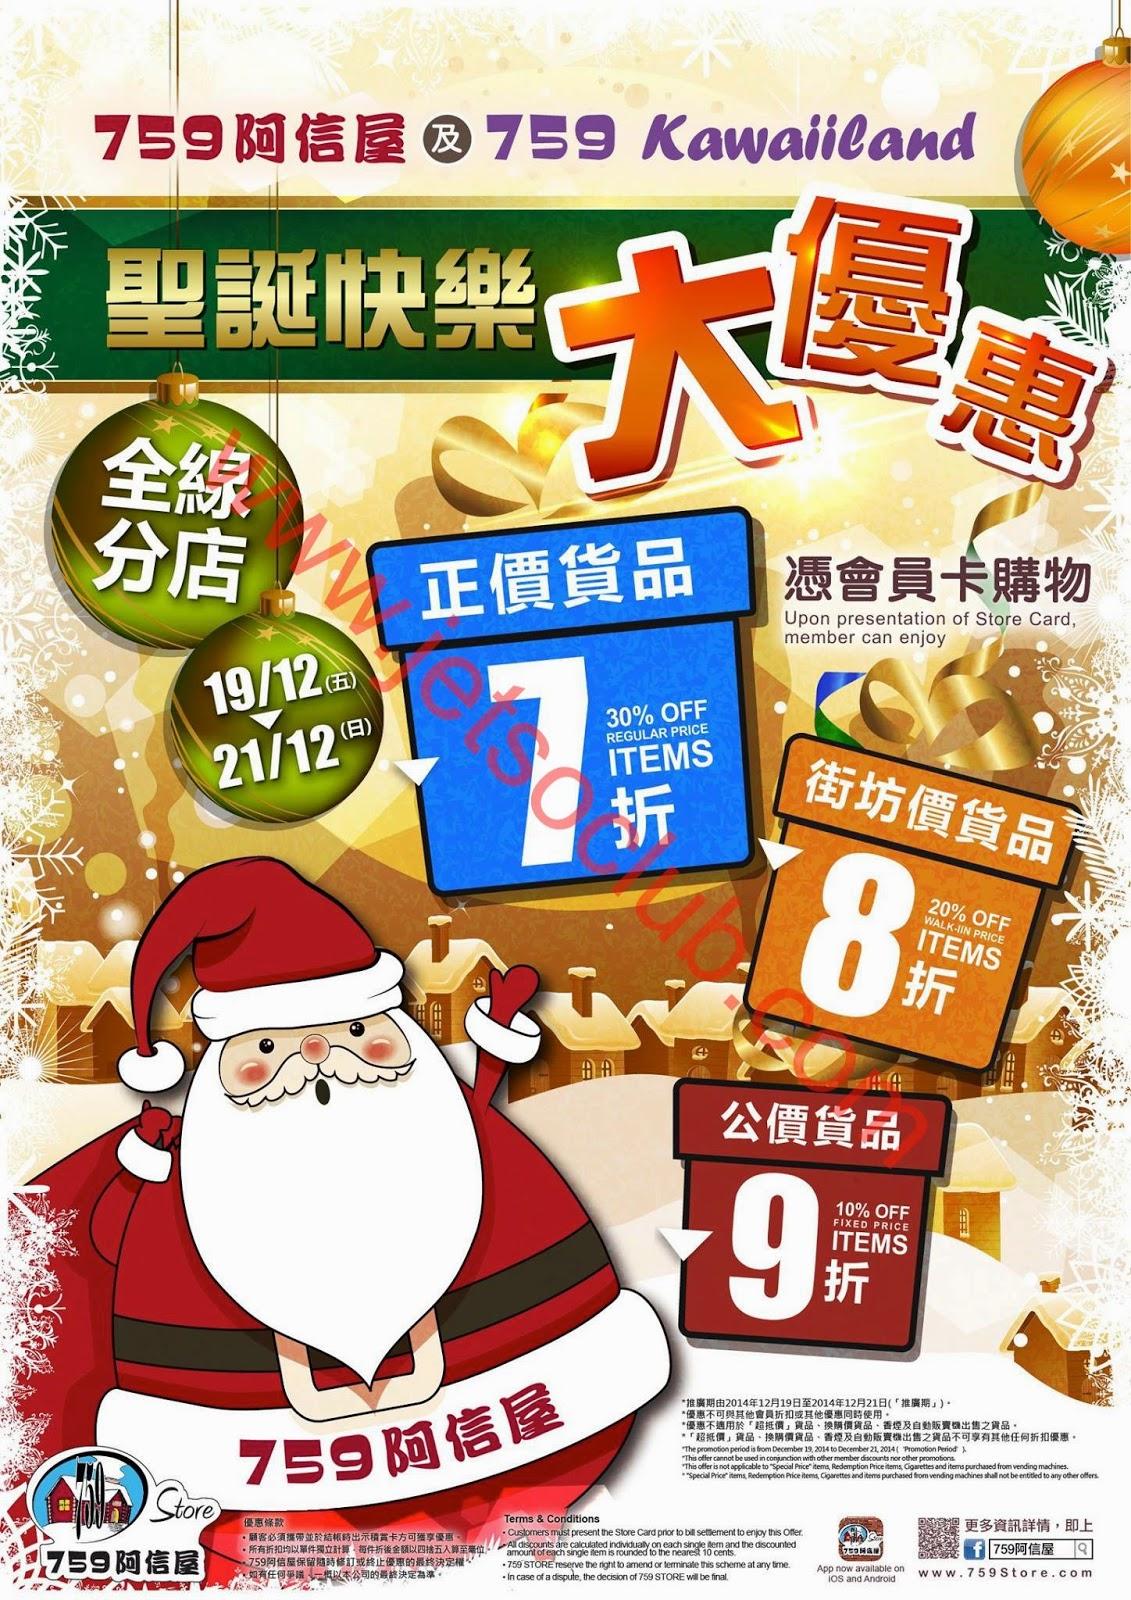 759 阿信屋 / 759 Kawaiiland:聖誕快樂大優惠 全線分店 正價7折 街坊價8折 公價9折(19-21/12) ( Jetso Club 著數俱樂部 )